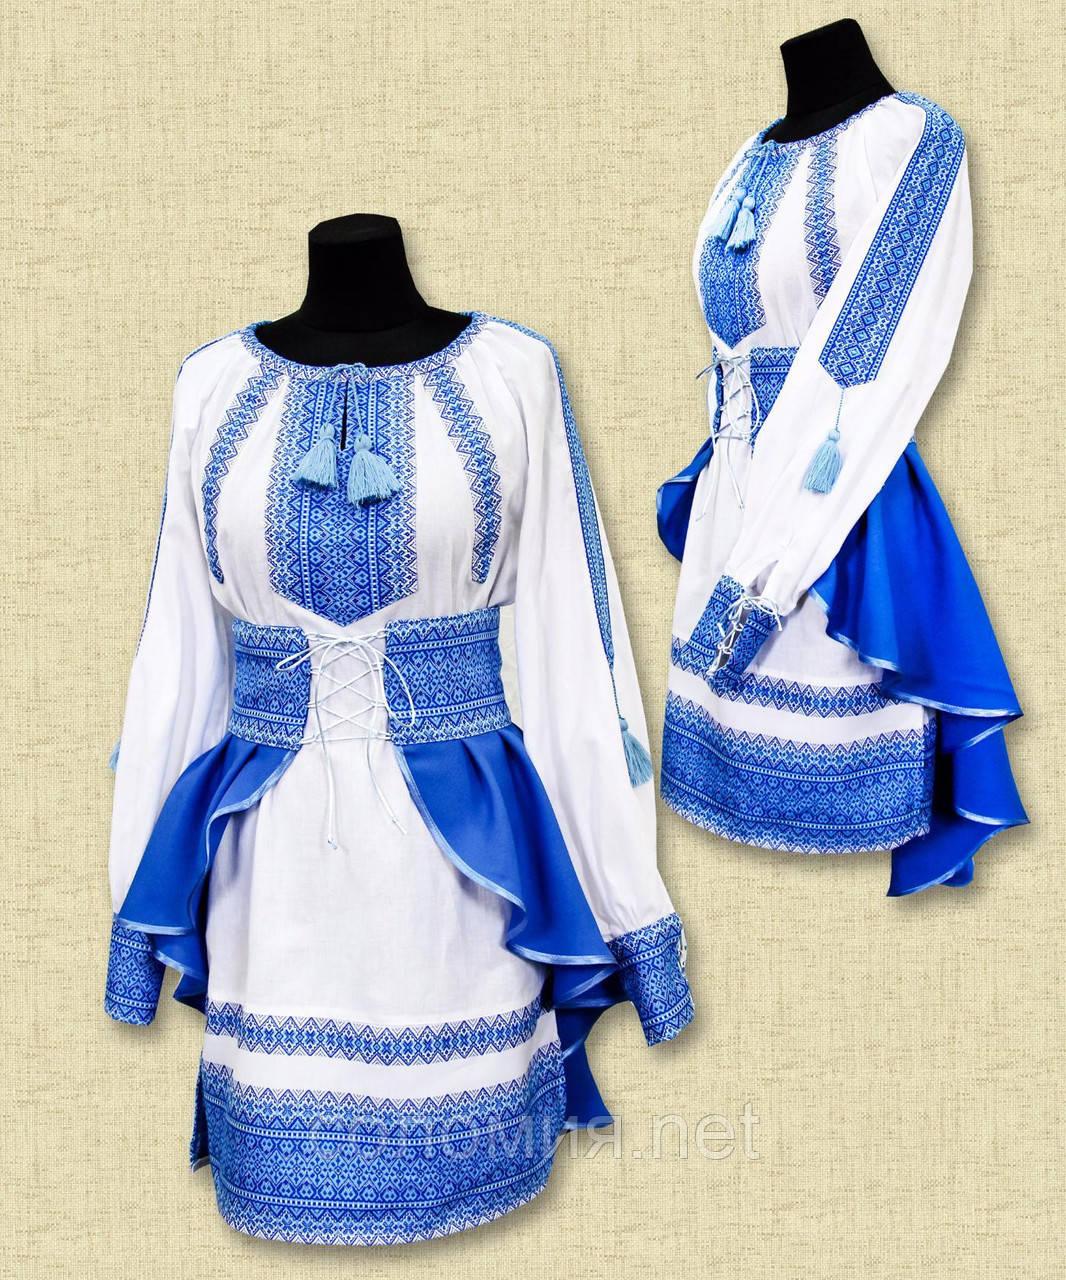 e91f59ee222276 Вишиванка для дівчинки, вышиванка для девочки, костюм, вишитий костюм -  Интернет-магазин